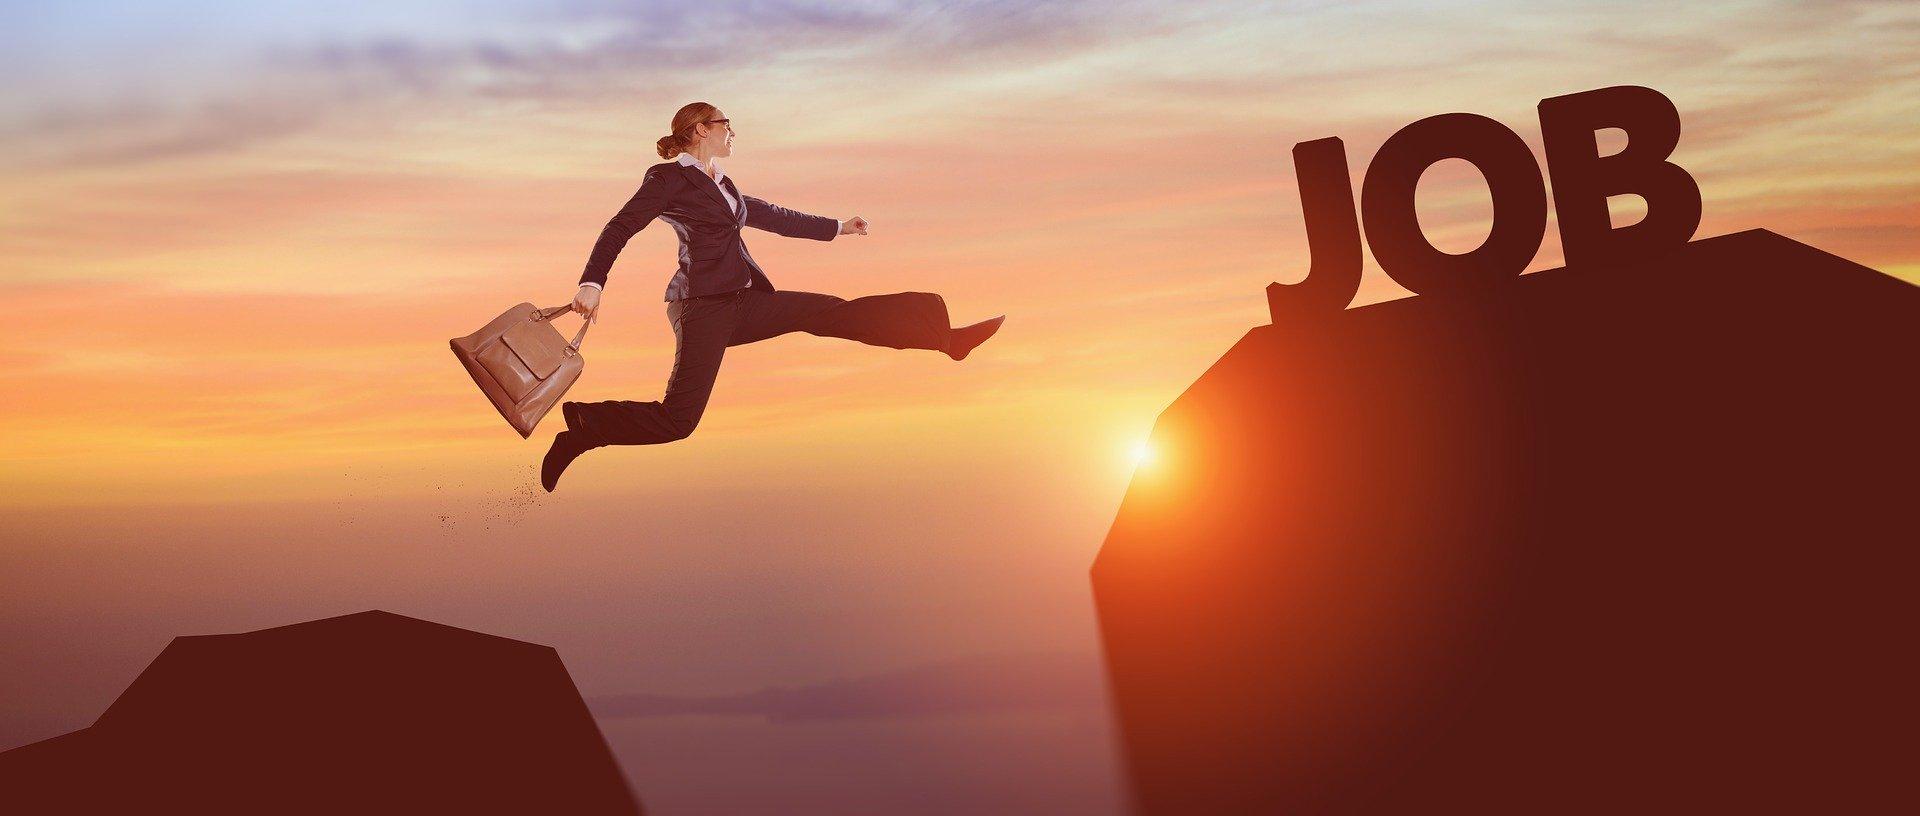 【転職で本当に年収はアップするのか?】実態と2つのポイント